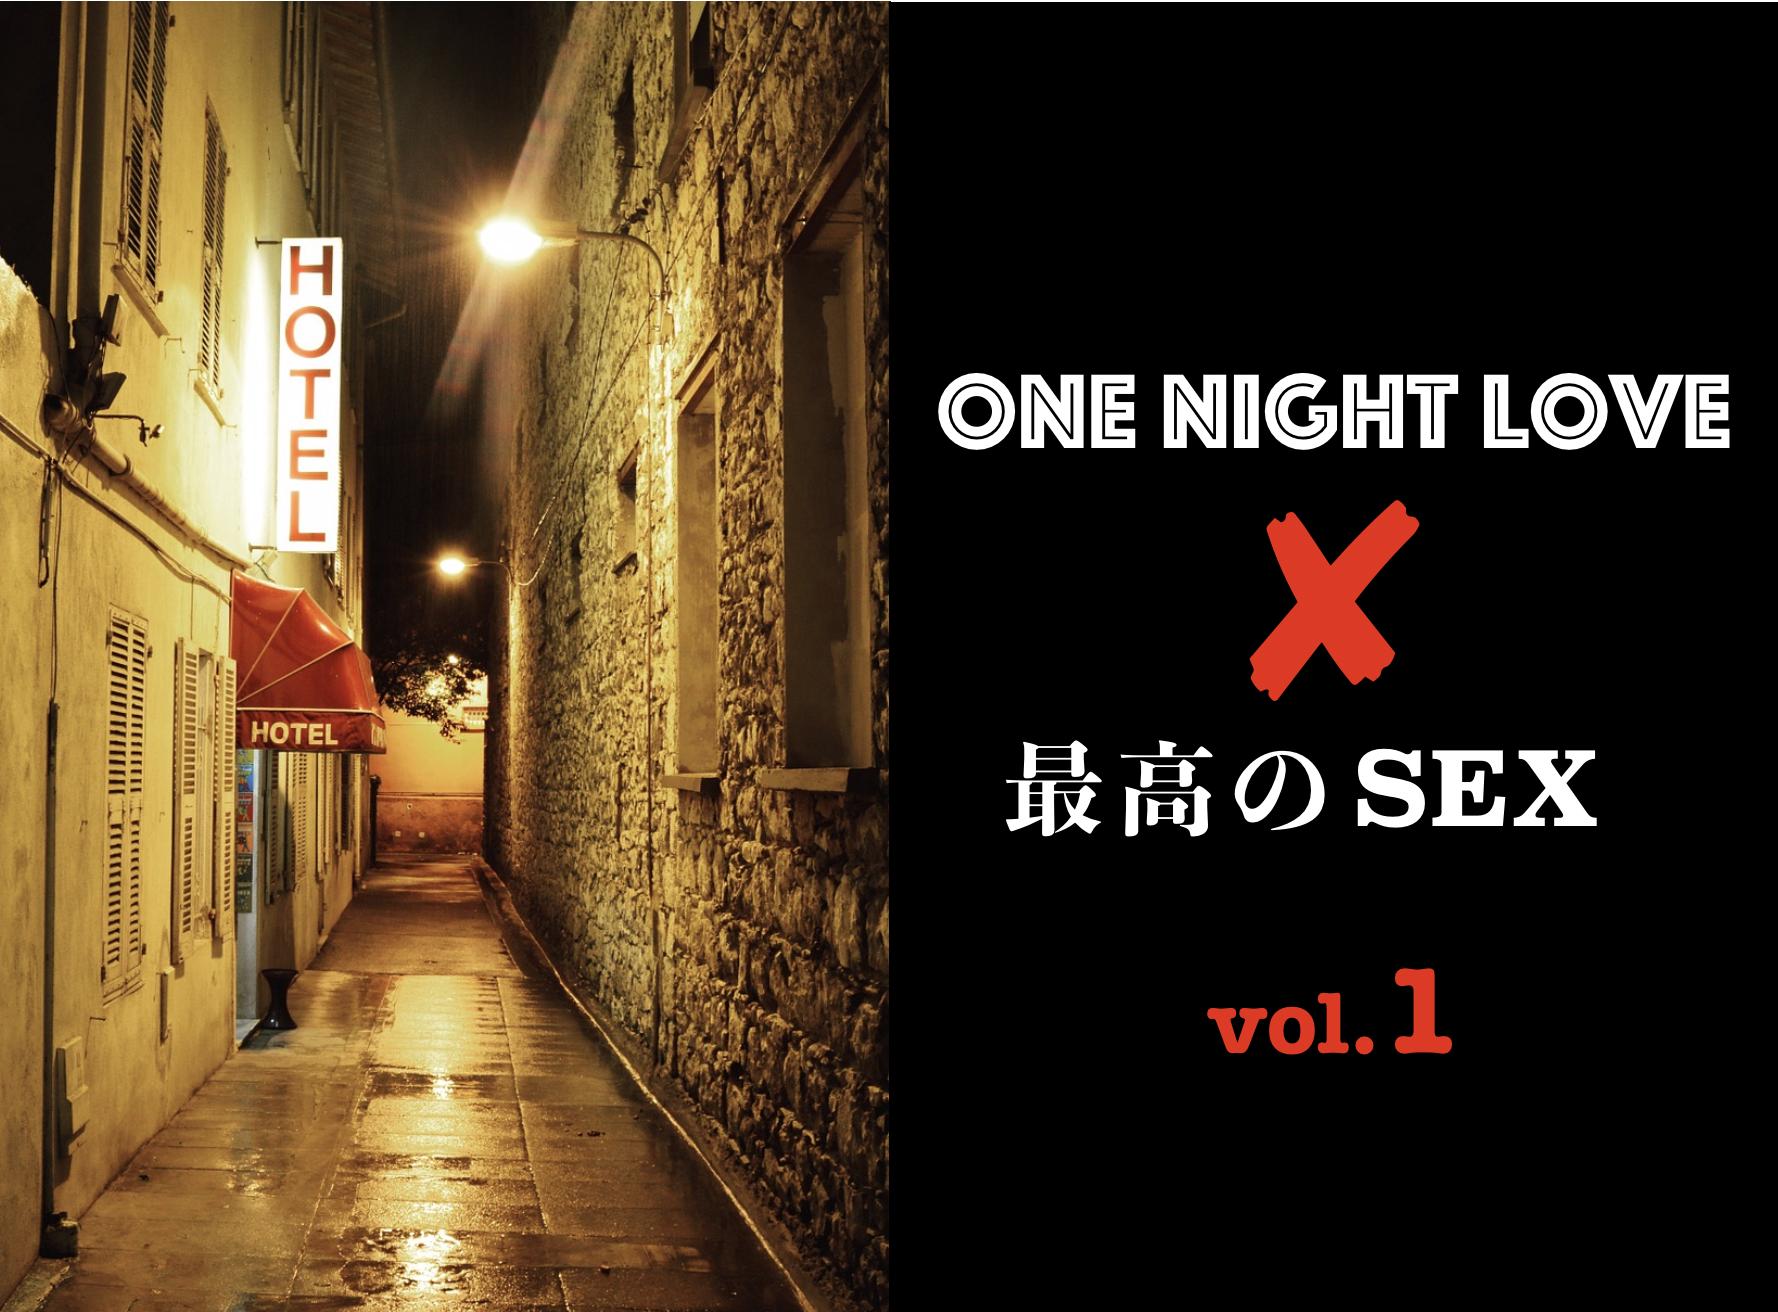 ワンナイトラブから見る、最高のSEX vol.1